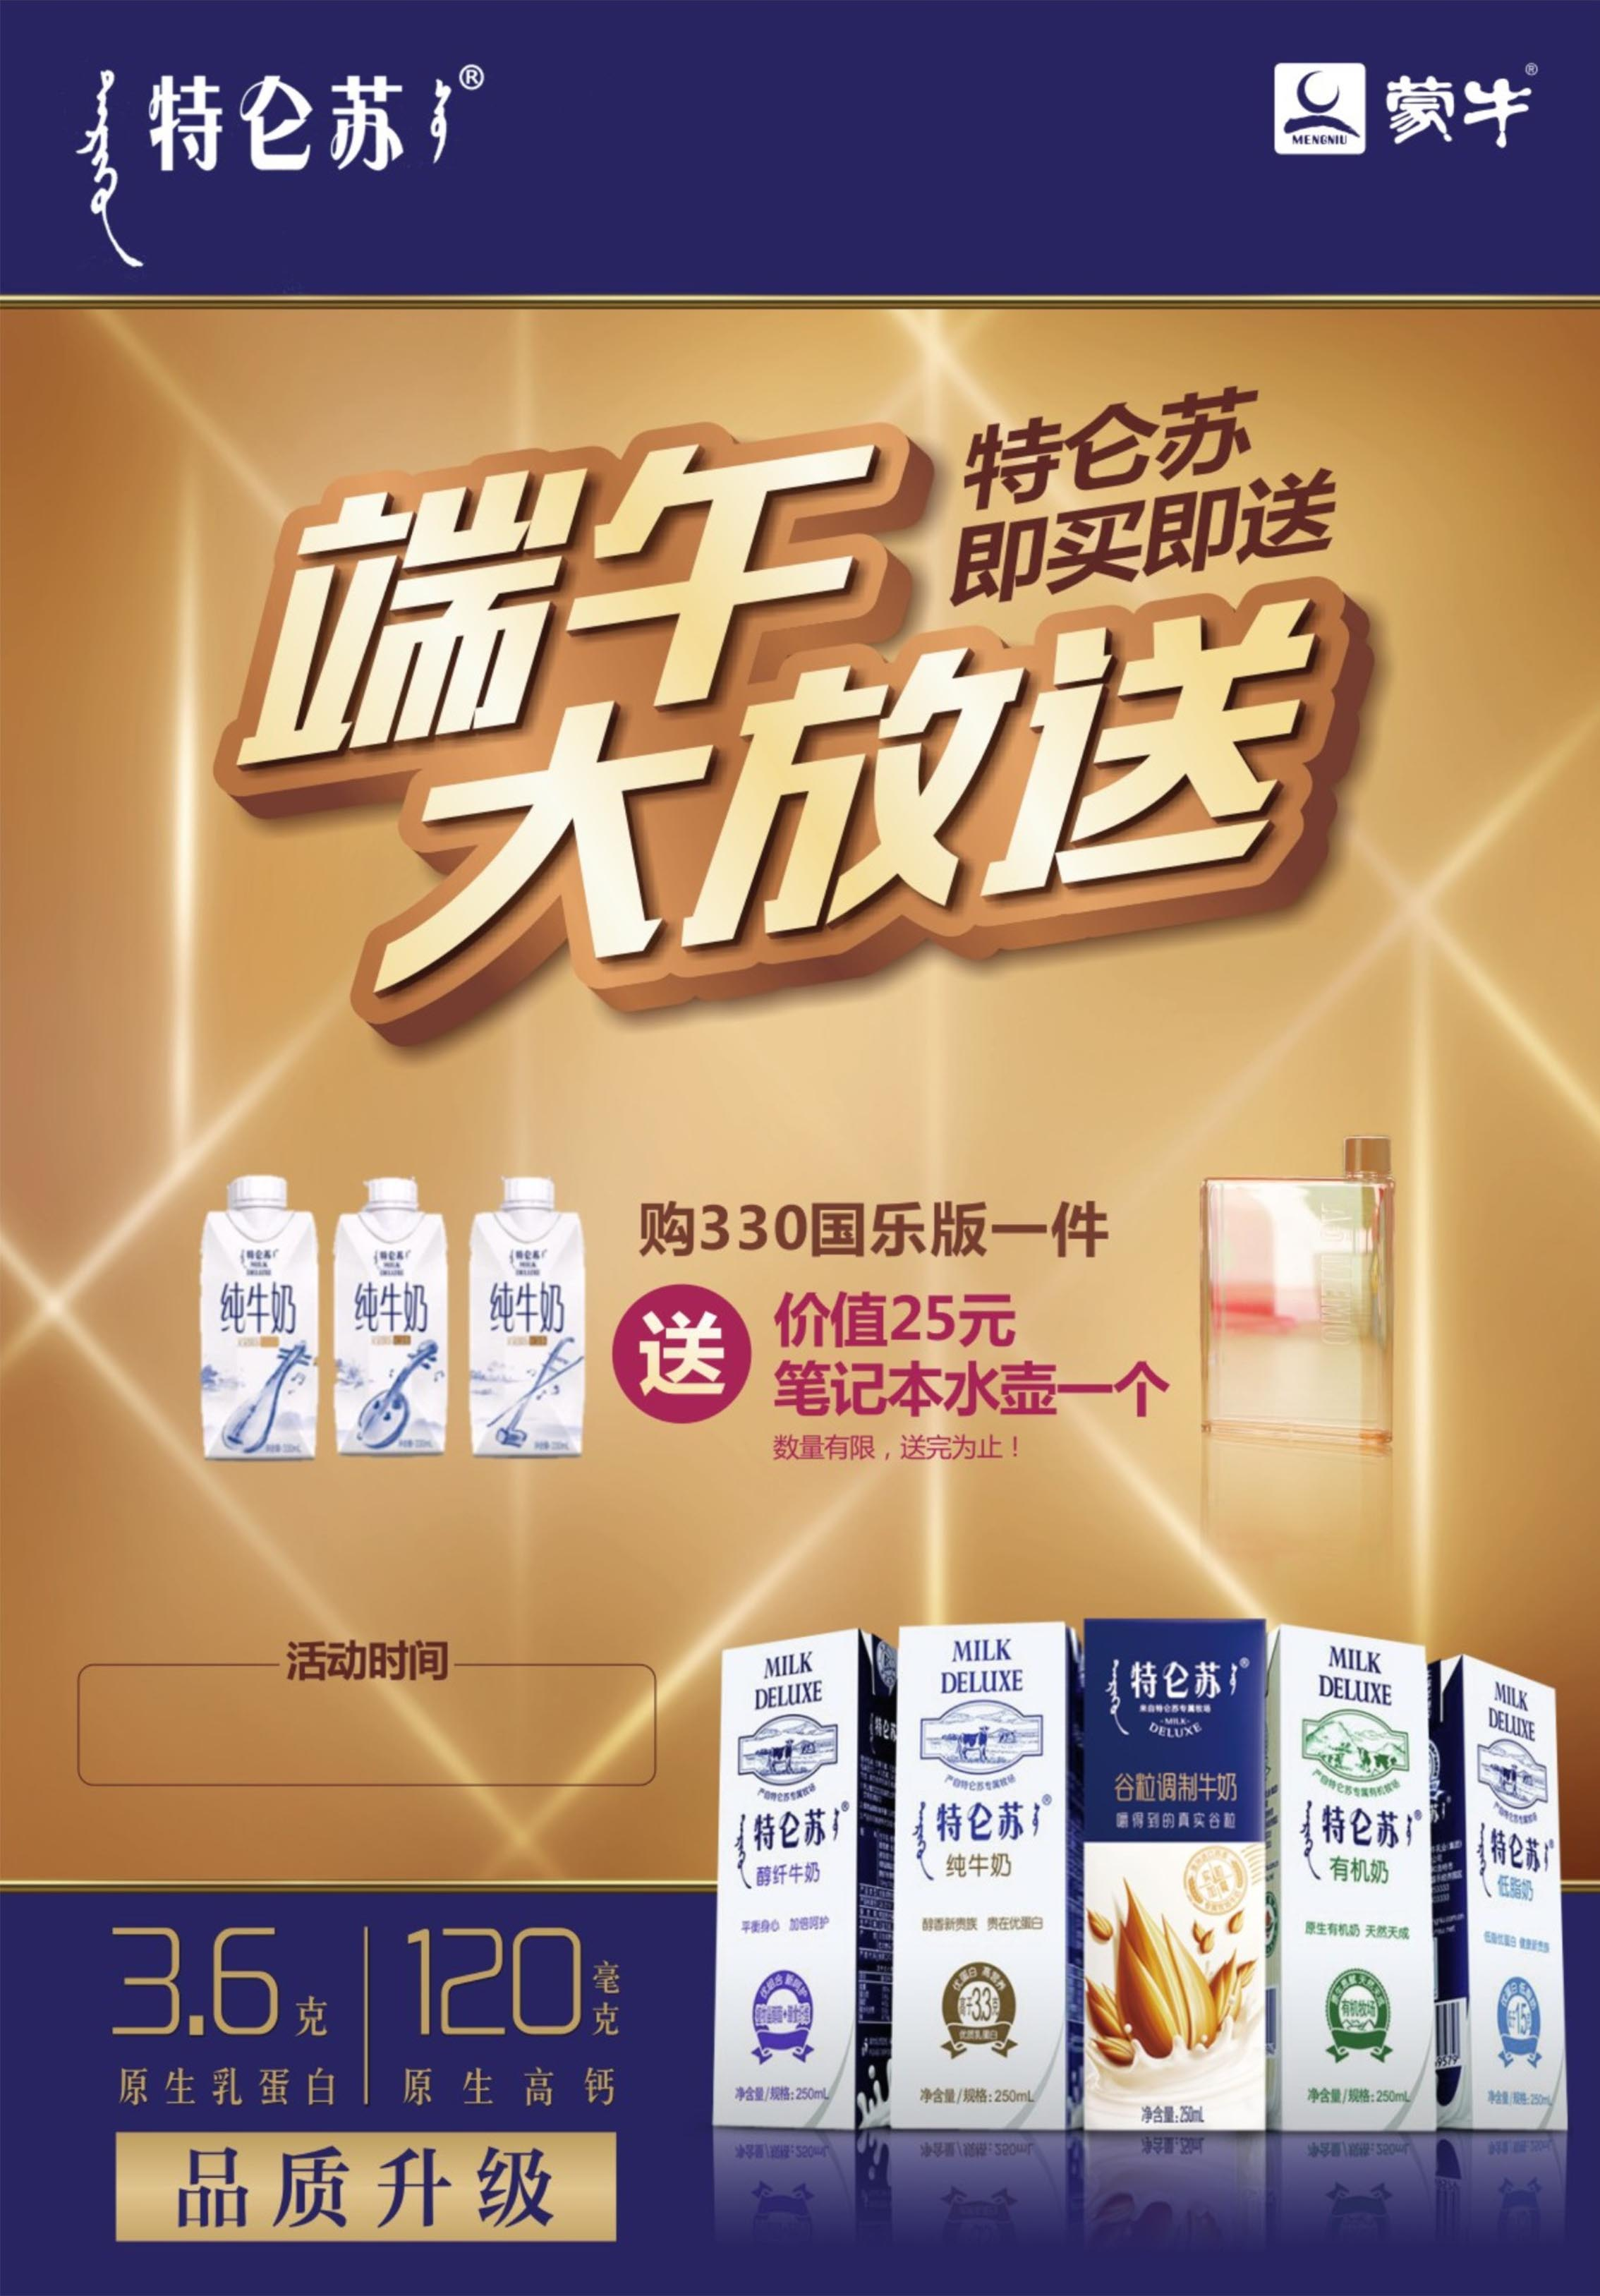 乳制品宣传品案例-蒙牛(总监创作)